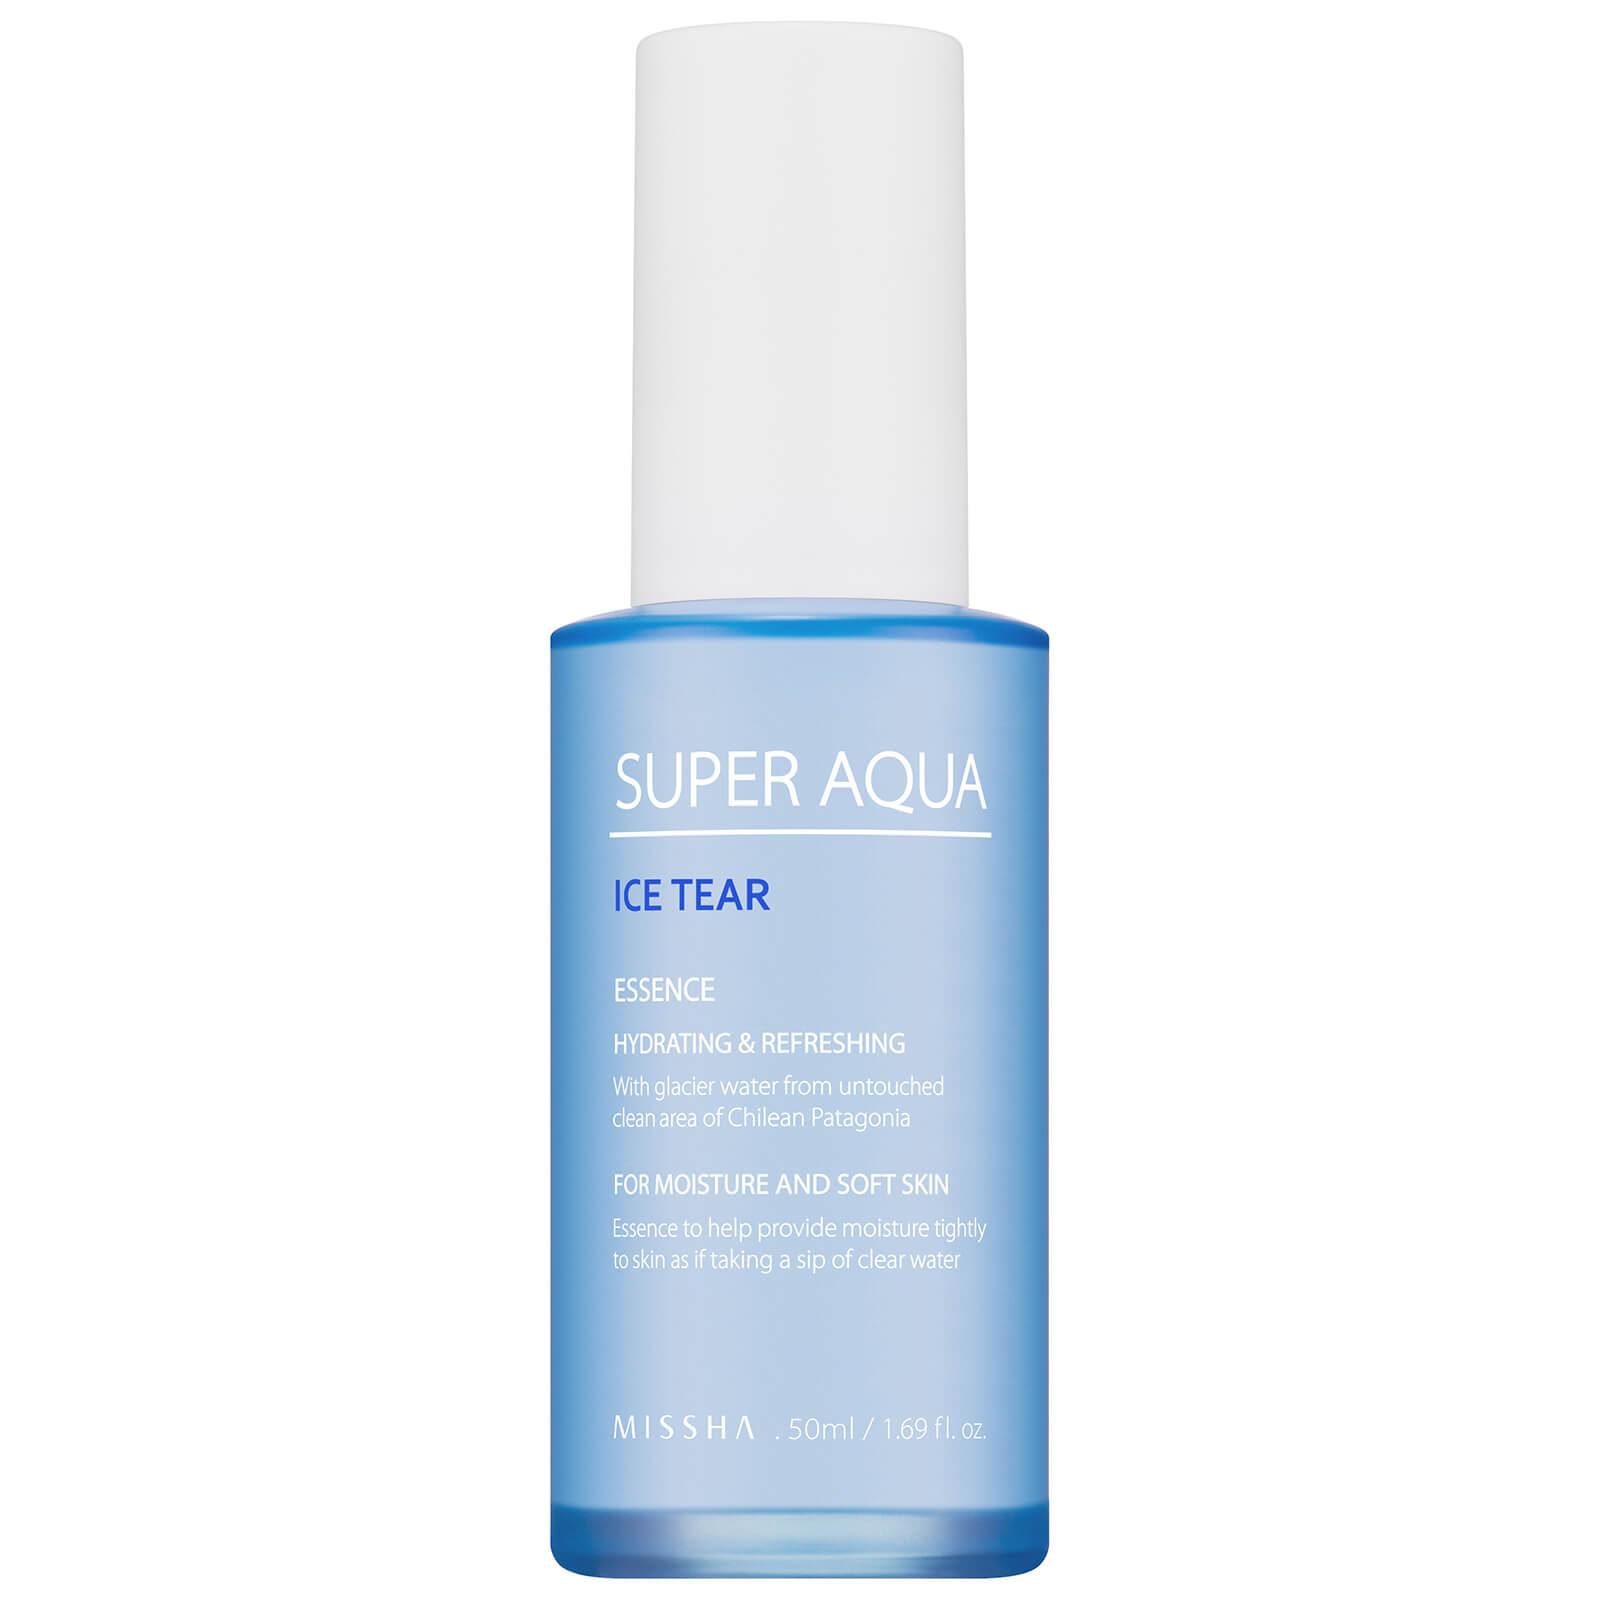 MISSHA Super Aqua Ice Tear Essence 50ml